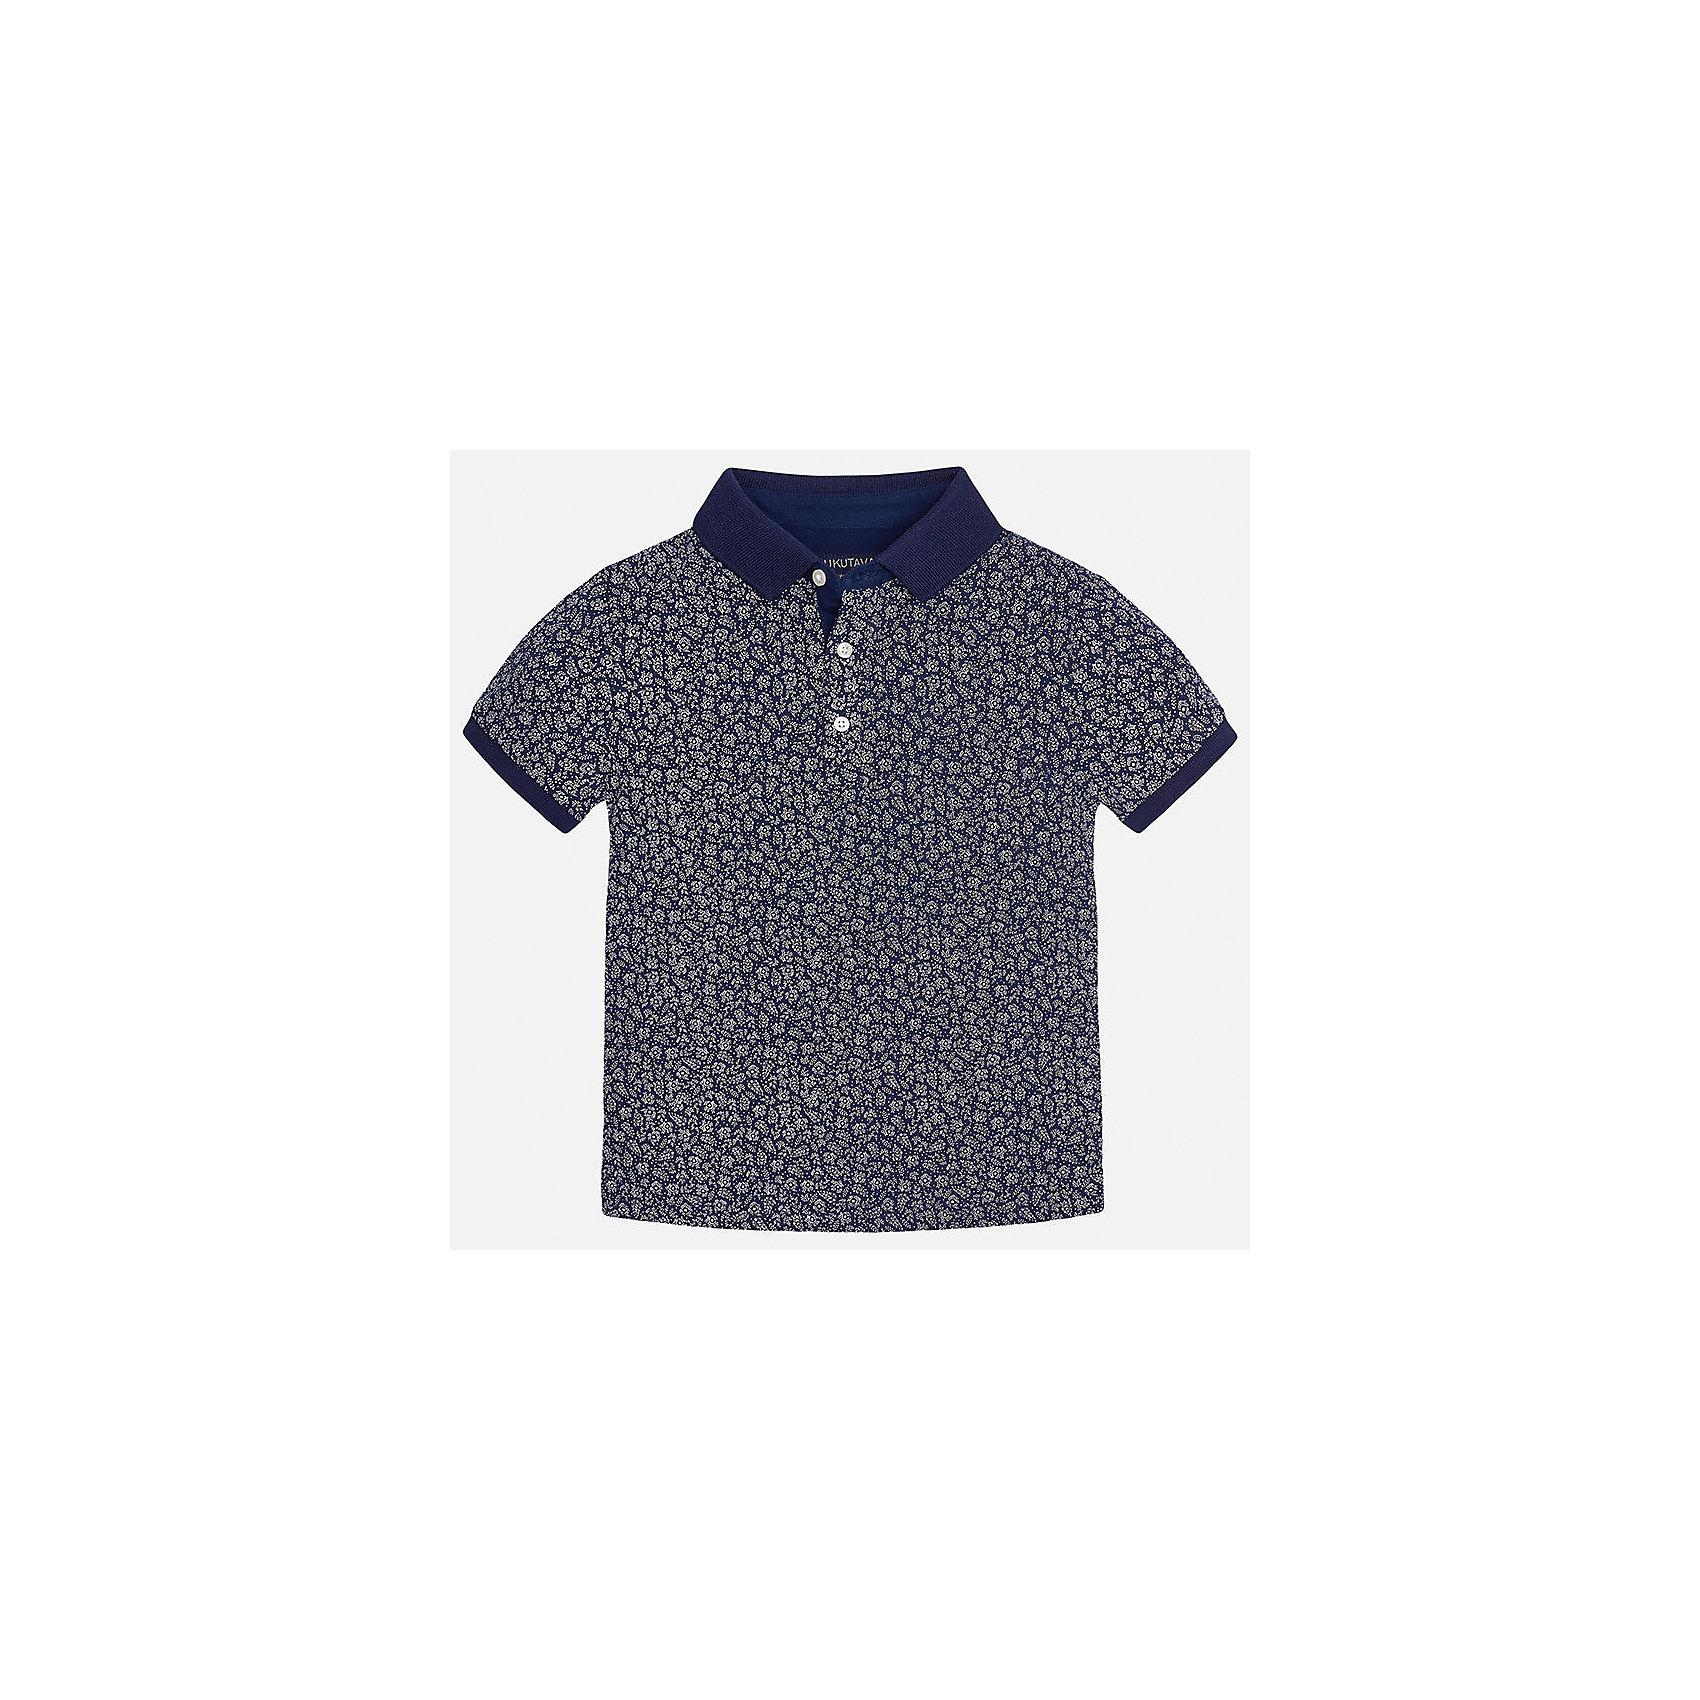 Футболка-поло для мальчика MayoralДжинсовый бум<br>Характеристики товара:<br><br>• цвет: синий<br>• состав: 100% хлопок<br>• отложной воротник<br>• декорирована принтом<br>• короткие рукава<br>• застежки: пуговицы<br>• страна бренда: Испания<br><br>Удобная стильная рубашка-поло поможет разнообразить гардероб мальчика. Она отлично сочетается с брюками, шортами, джинсами. Универсальный крой и цвет позволяет подобрать к вещи низ разных расцветок. Практичное и стильное изделие! Хорошо смотрится и комфортно сидит на детях. В составе материала - только натуральный хлопок, гипоаллергенный, приятный на ощупь, дышащий. <br><br>Одежда, обувь и аксессуары от испанского бренда Mayoral полюбились детям и взрослым по всему миру. Модели этой марки - стильные и удобные. Для их производства используются только безопасные, качественные материалы и фурнитура. Порадуйте ребенка модными и красивыми вещами от Mayoral! <br><br>Рубашку-поло для мальчика от испанского бренда Mayoral (Майорал) можно купить в нашем интернет-магазине.<br><br>Ширина мм: 230<br>Глубина мм: 40<br>Высота мм: 220<br>Вес г: 250<br>Цвет: синий<br>Возраст от месяцев: 120<br>Возраст до месяцев: 132<br>Пол: Мужской<br>Возраст: Детский<br>Размер: 152,164,128/134,170,158,140<br>SKU: 5281524